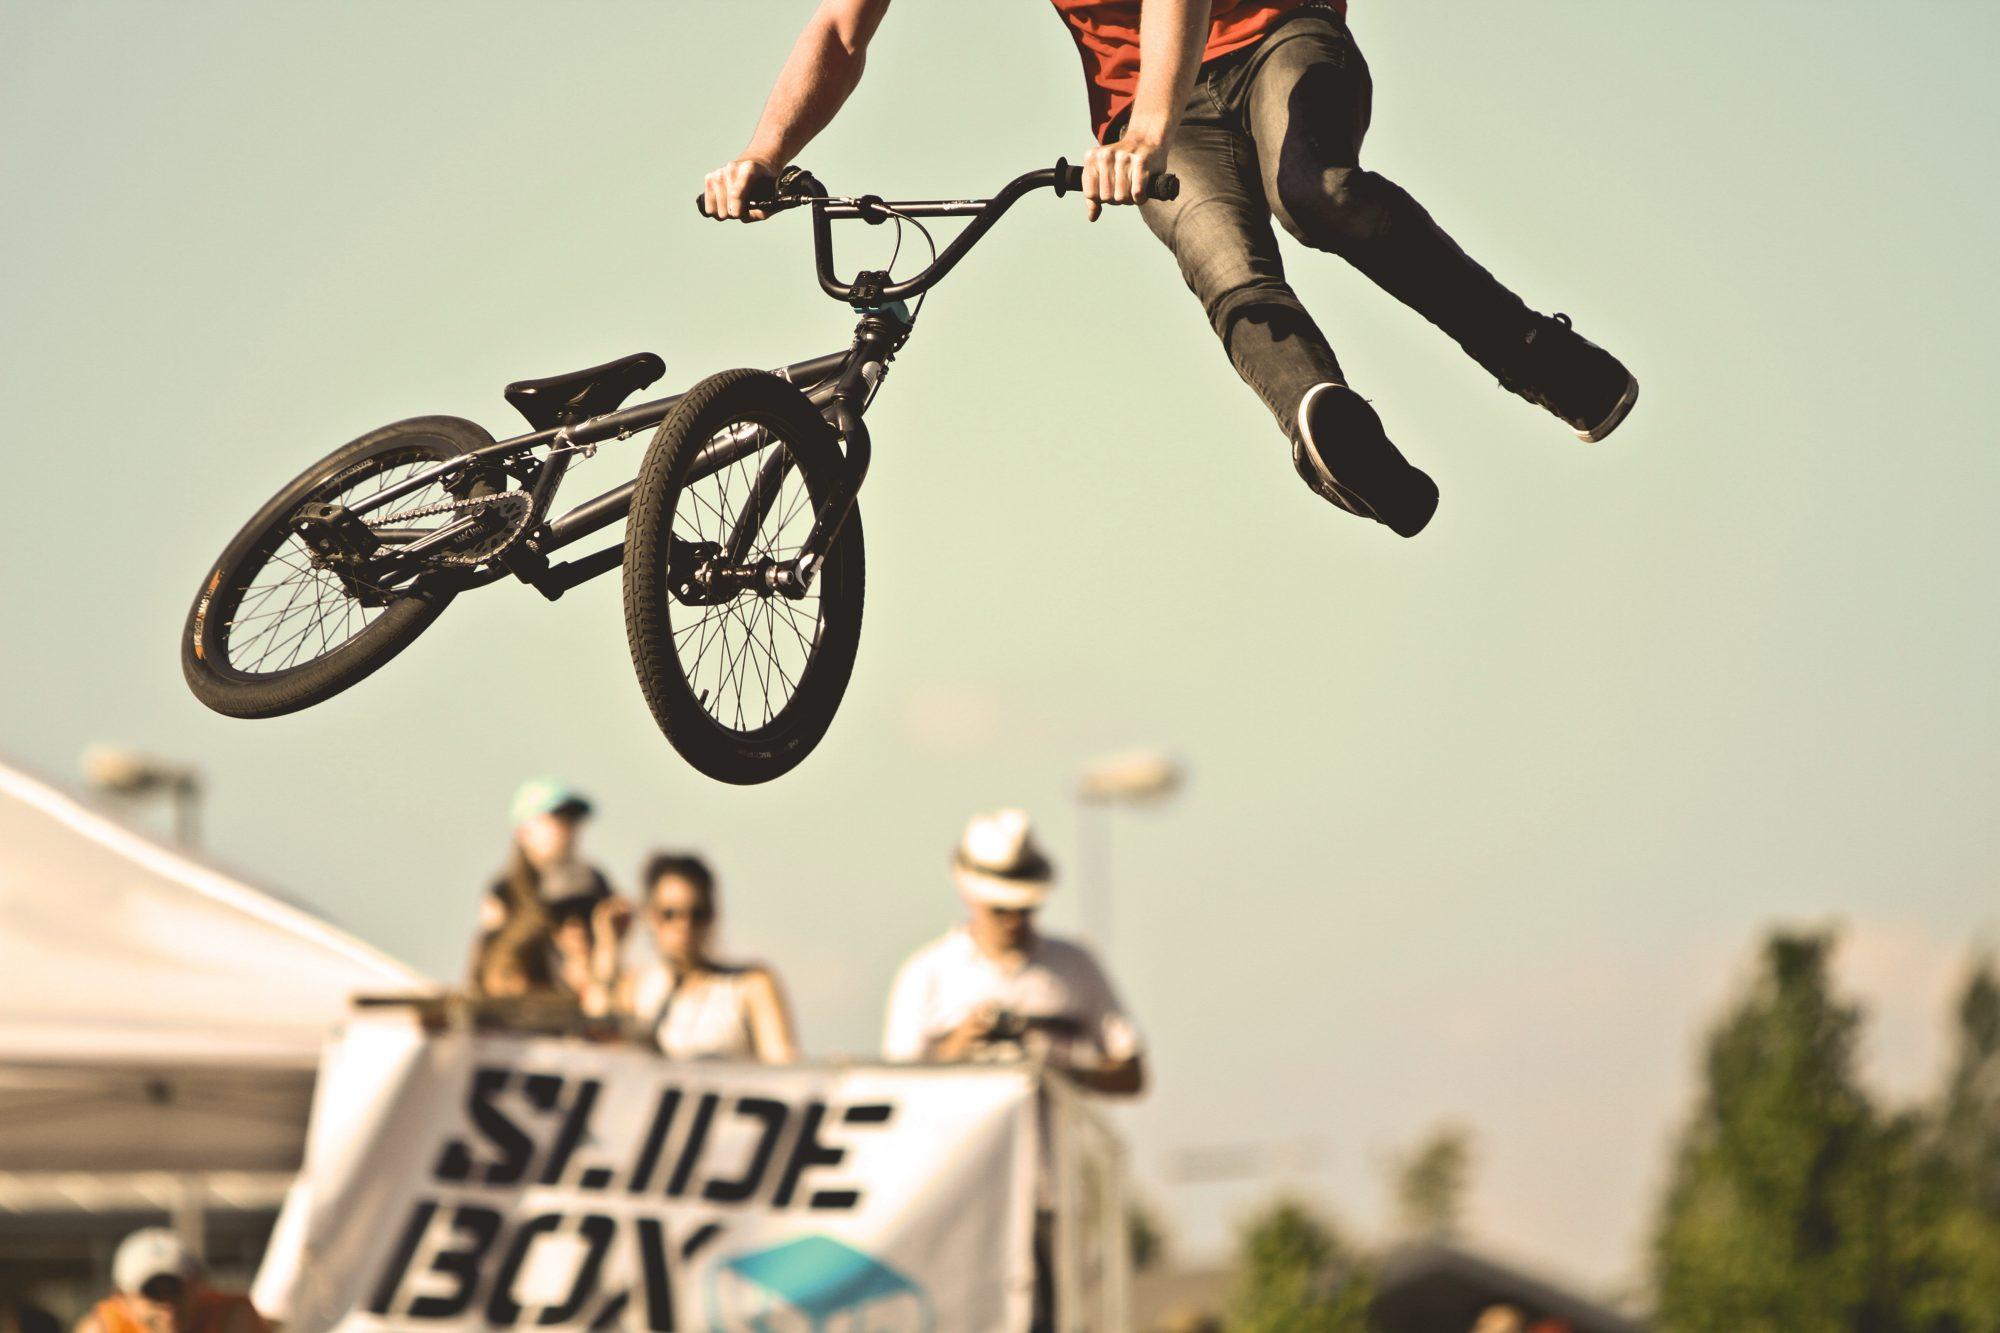 Miglior BMX 2020: Guida all'acquisto